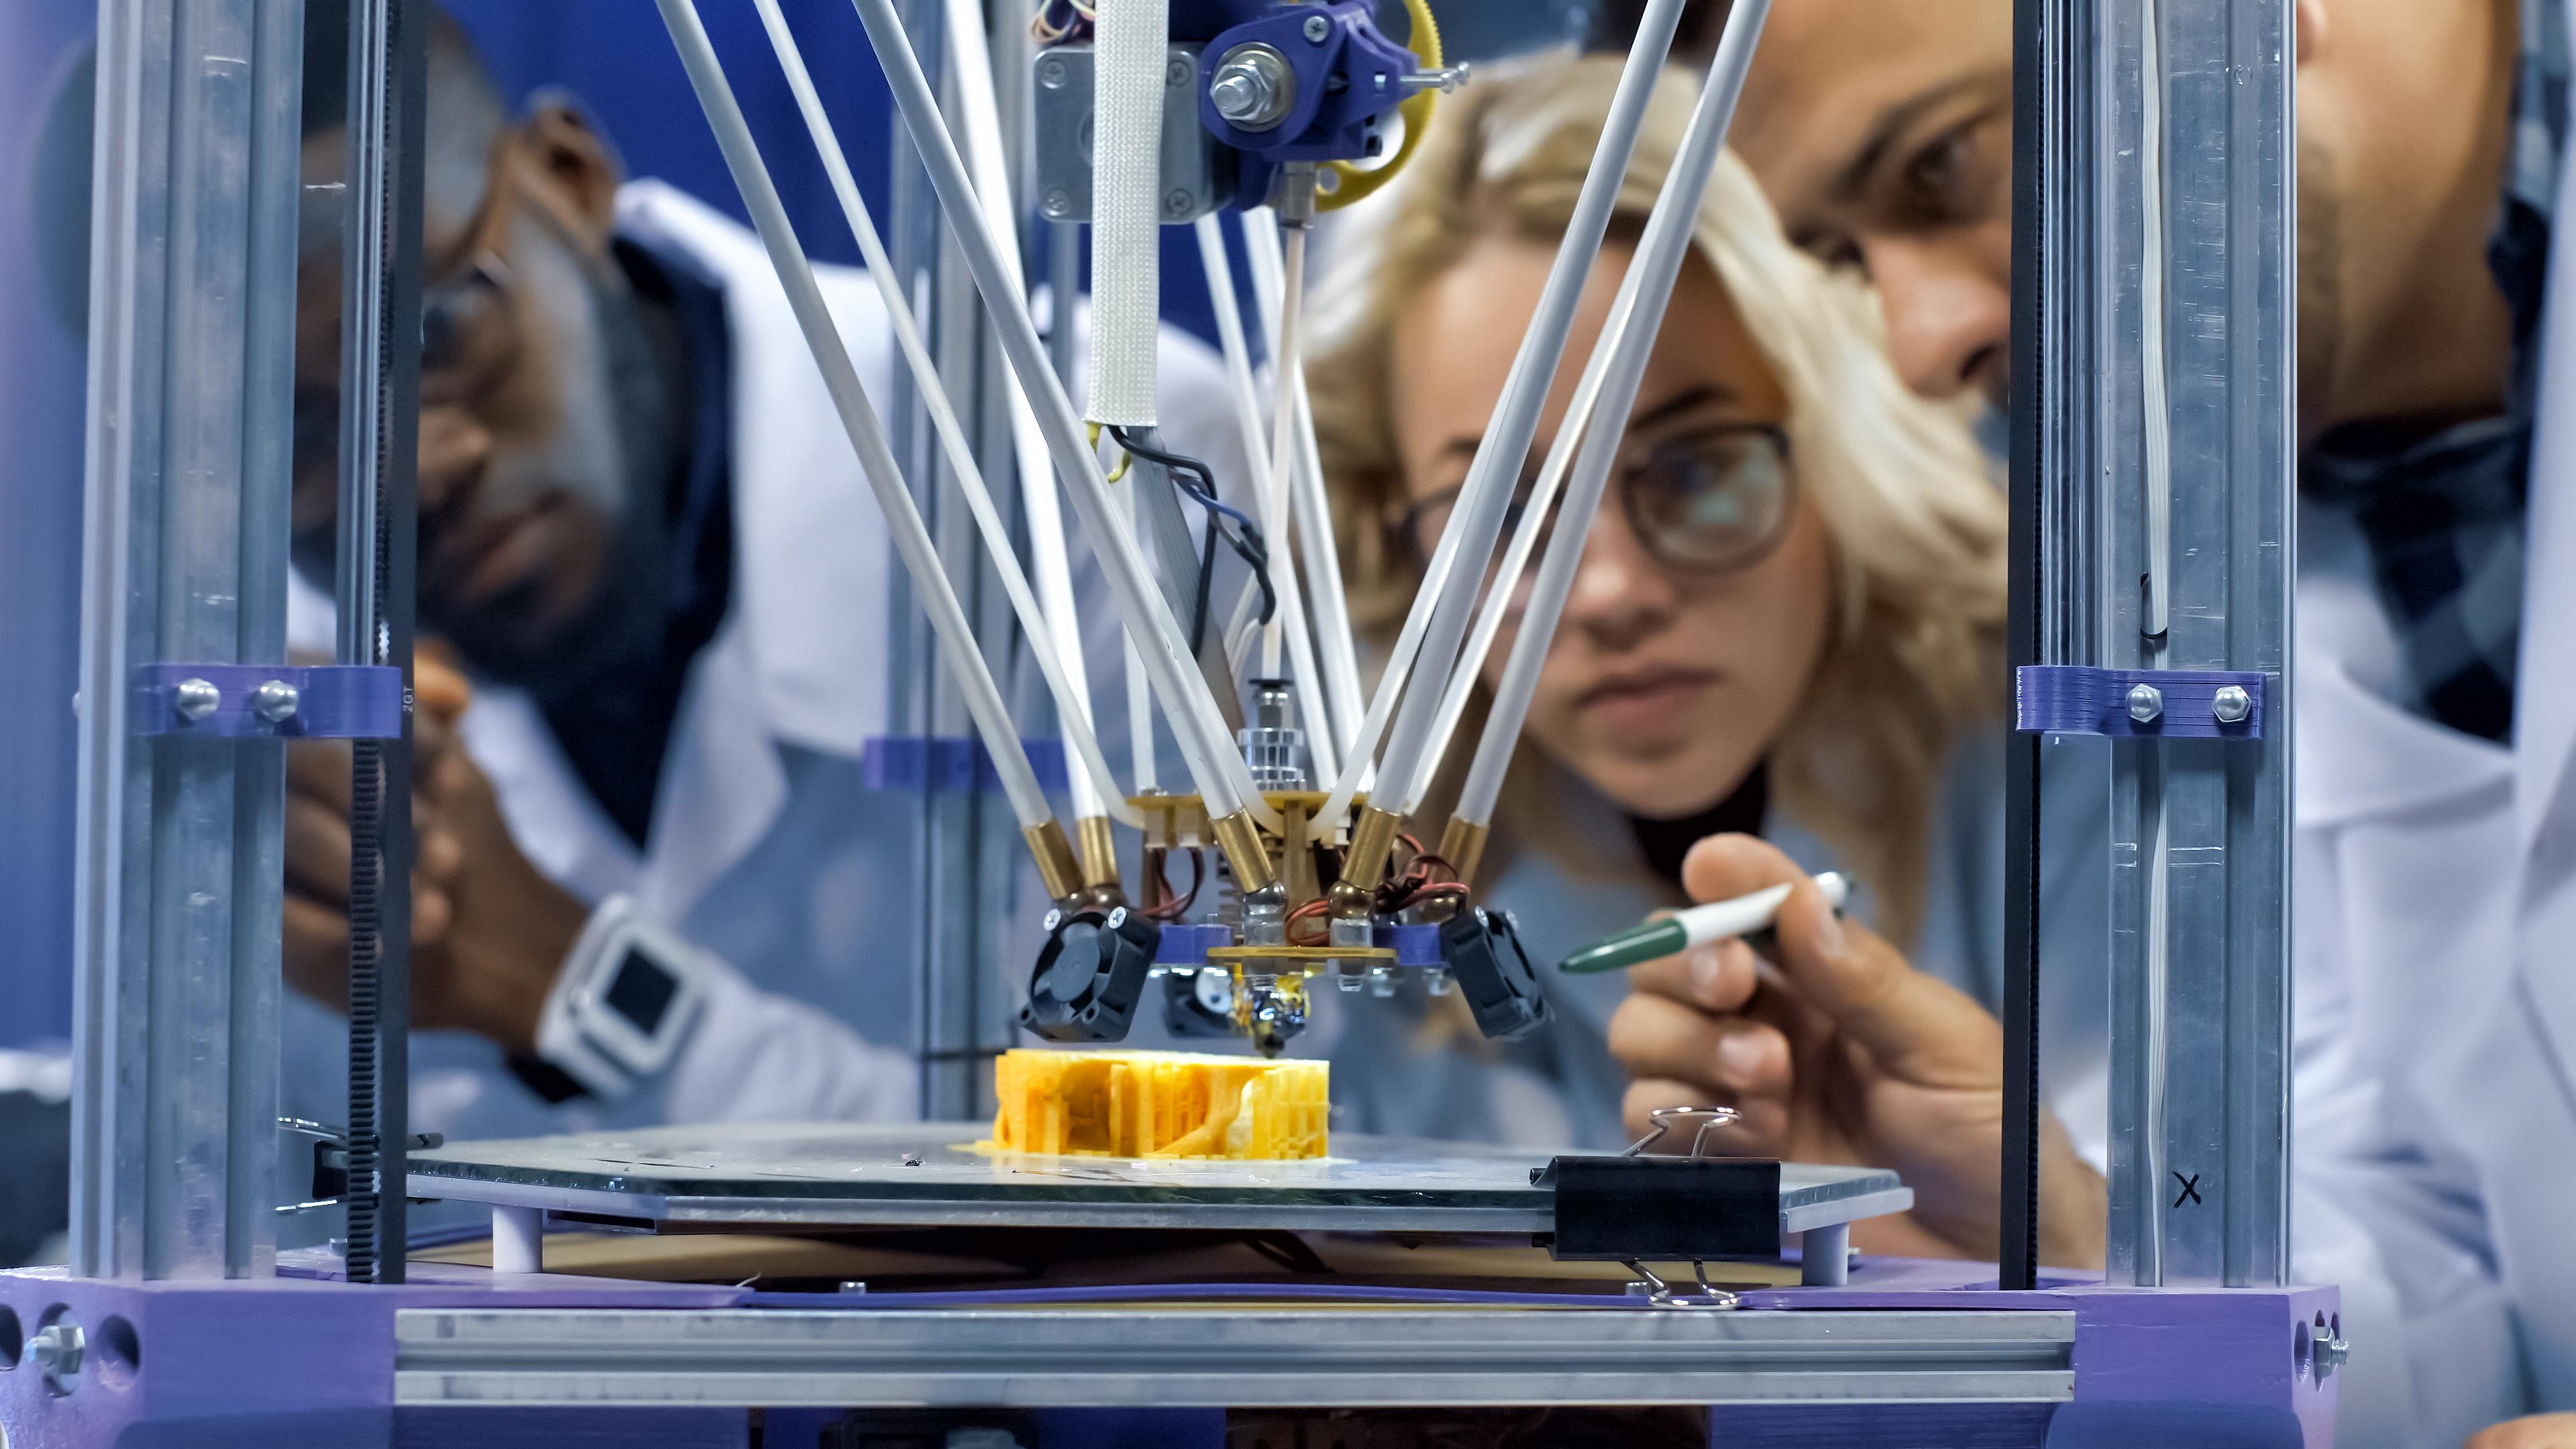 Firma z Rumunii nawiąże współpracę z dostawcami filamentów do drukarek 3D